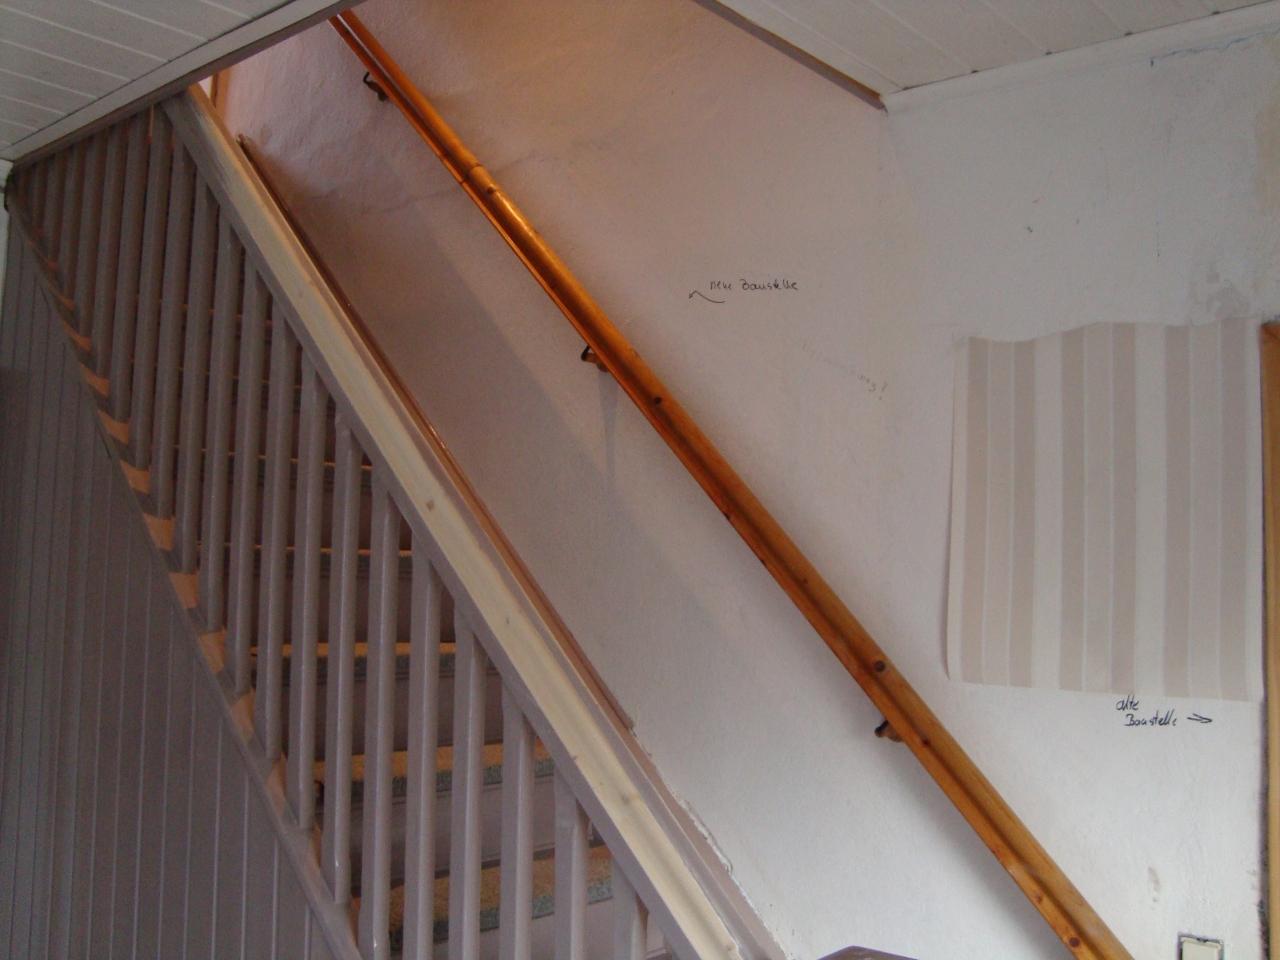 Schleifen Schleifen Schleifen Der Treppe Und Der Turen Bauanleitung Zum Selberbauen 1 2 Do Com Deine Heimwerker Community